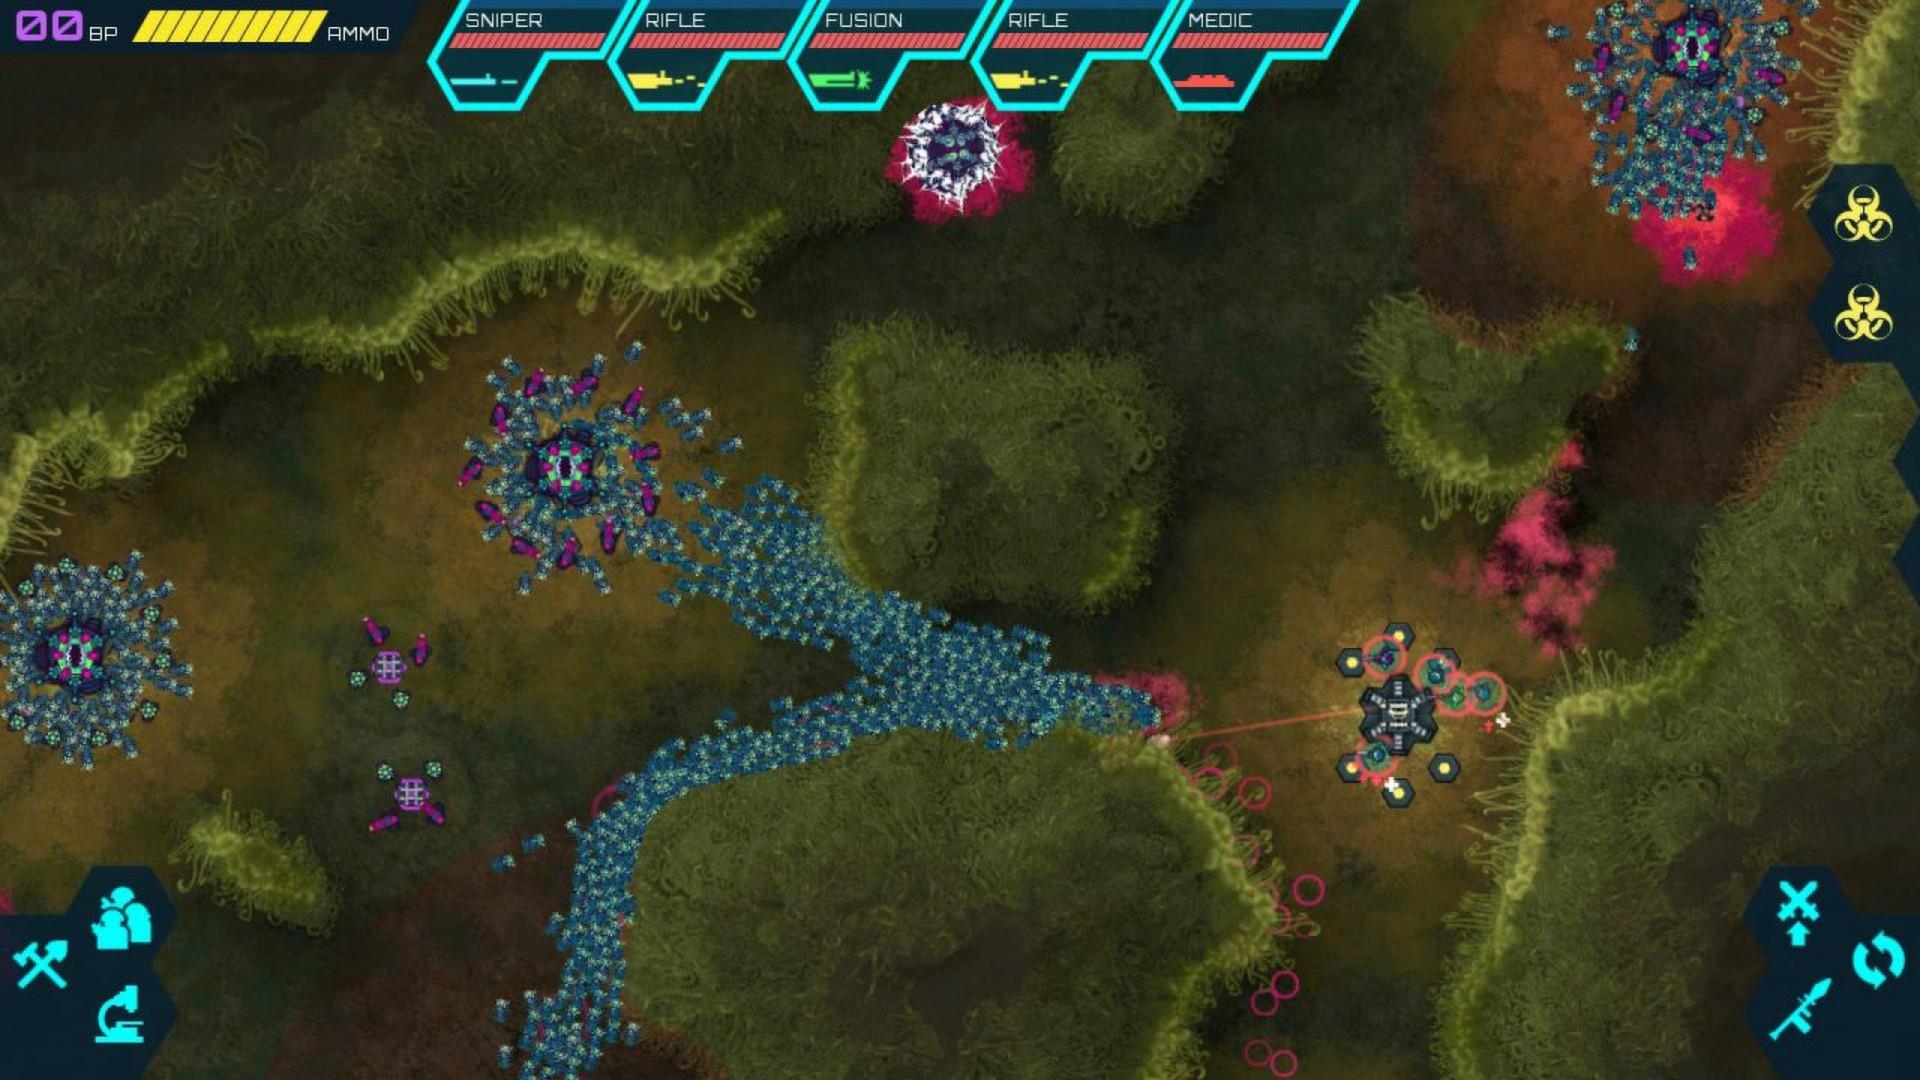 com.steam.204530-screenshot